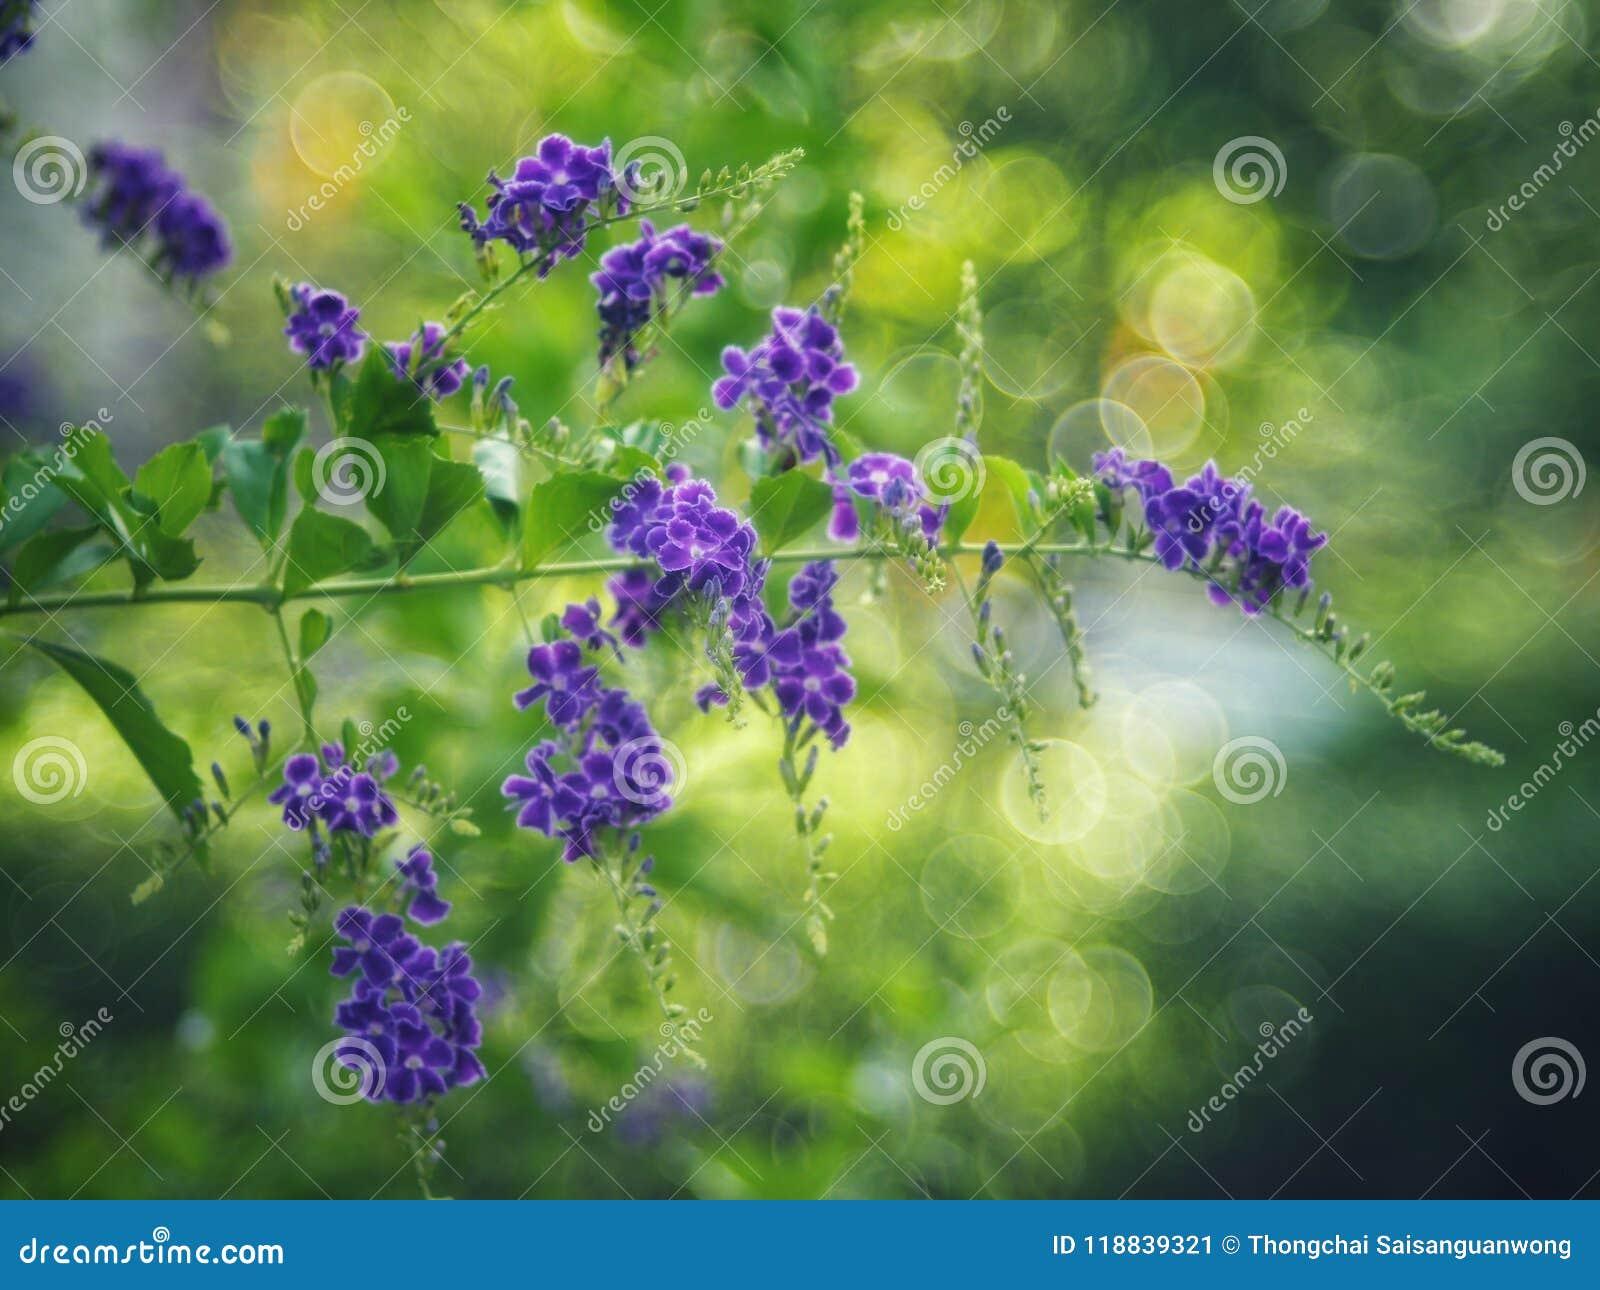 Χρυσή δροσοσταλίδα, λουλούδι ουρανού Crepping, μούρο περιστεριών Από τους ταϊλανδικούς λαούς αποκαλούμενους πτώσεις κεριών Είναι